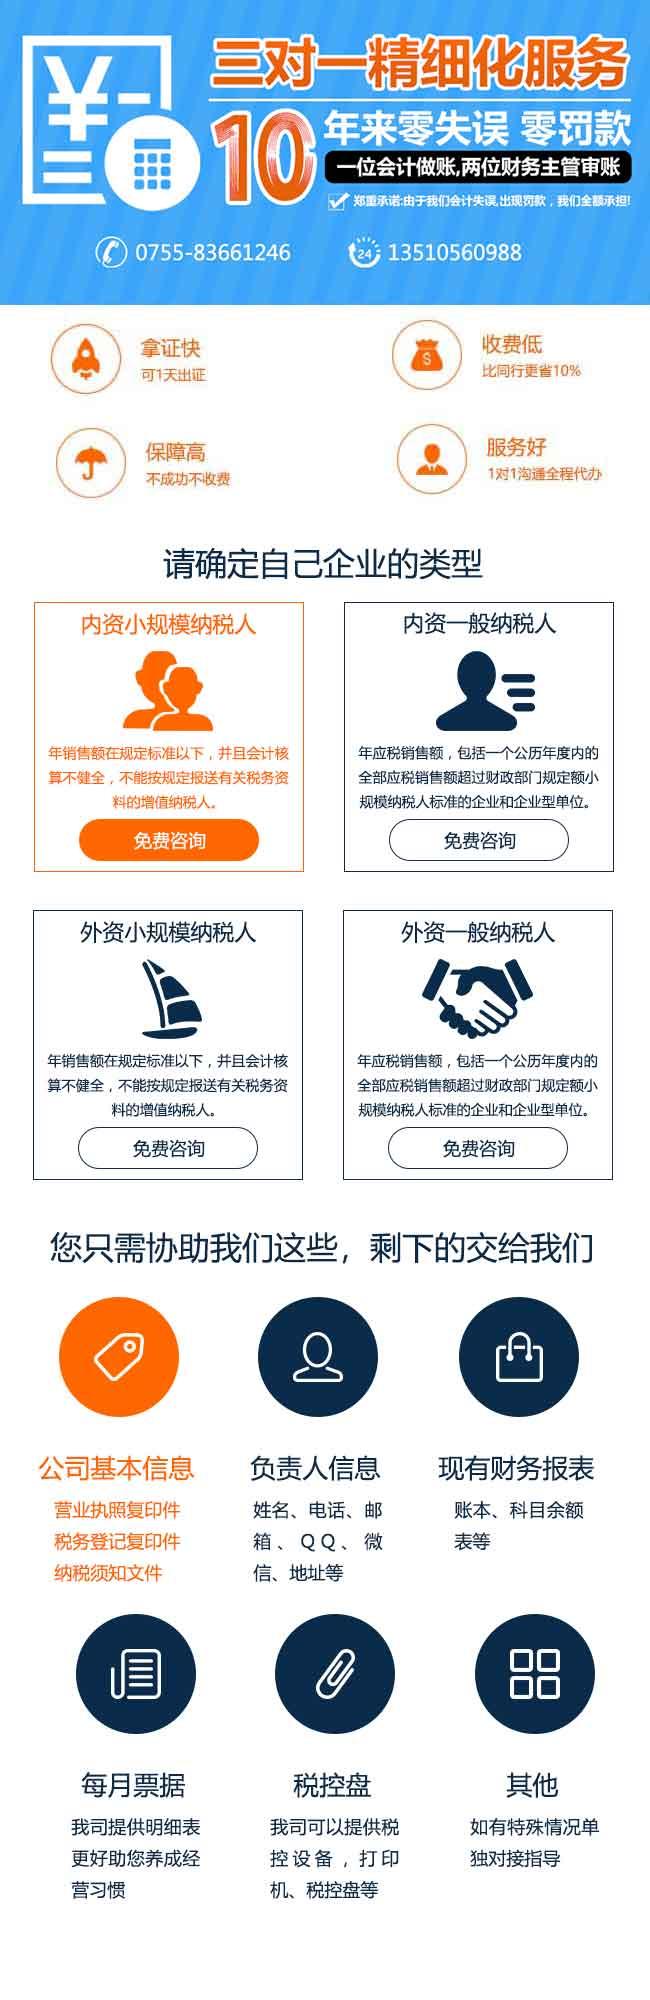 领投羊-PC财务代理详情页_wap.jpg